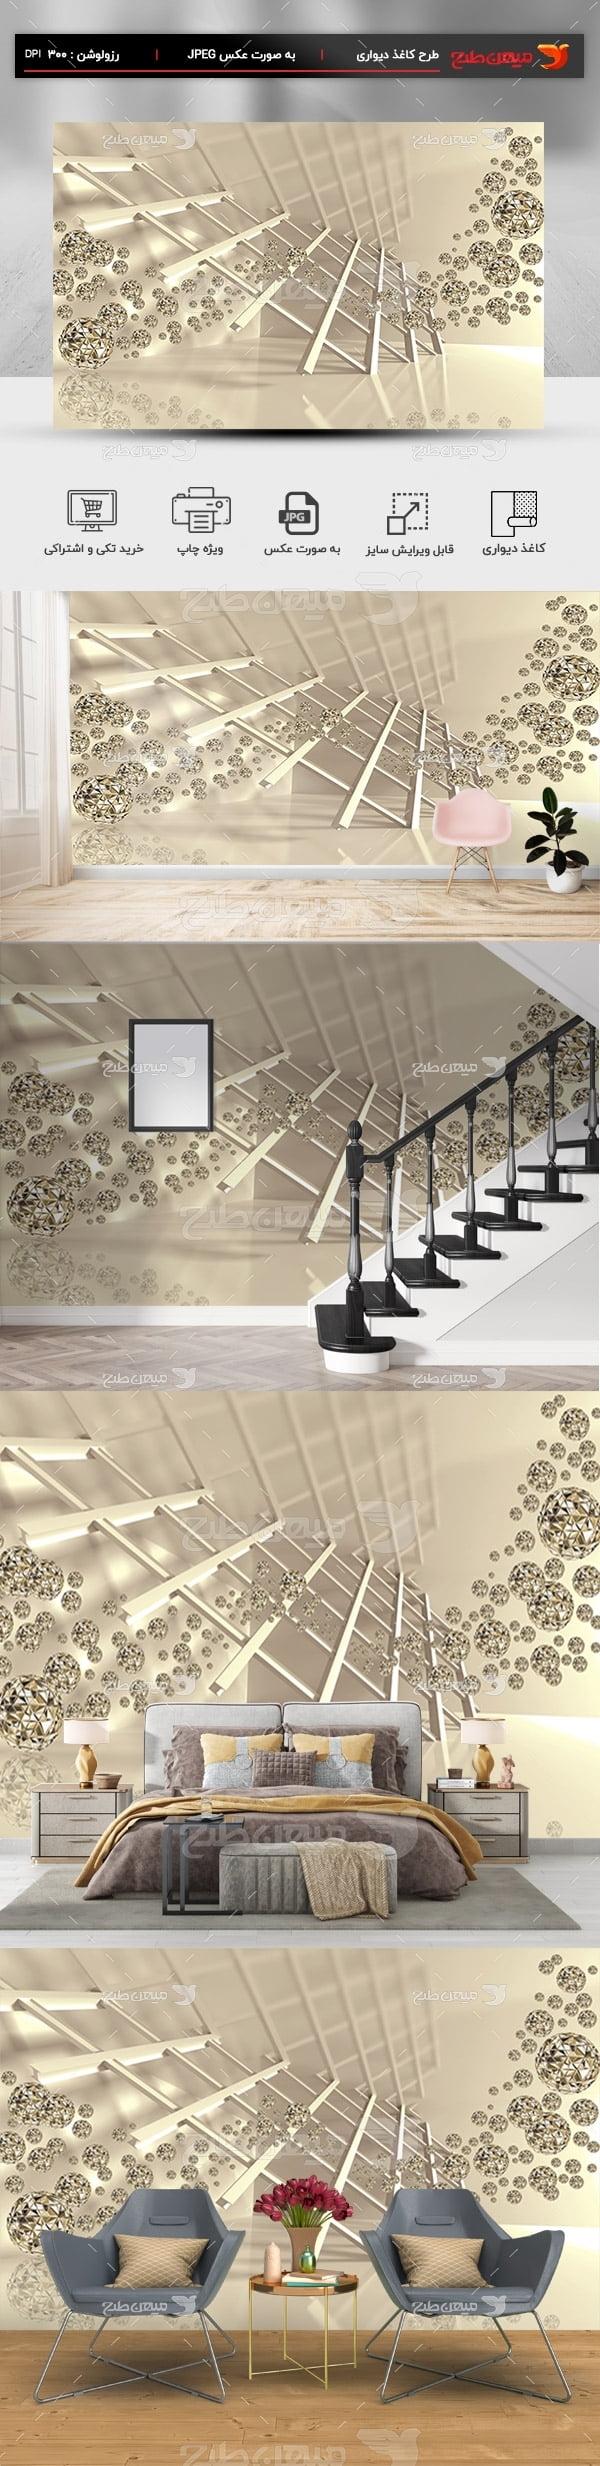 پوستر کاغذ دیواری سه بعدی طرح الماس